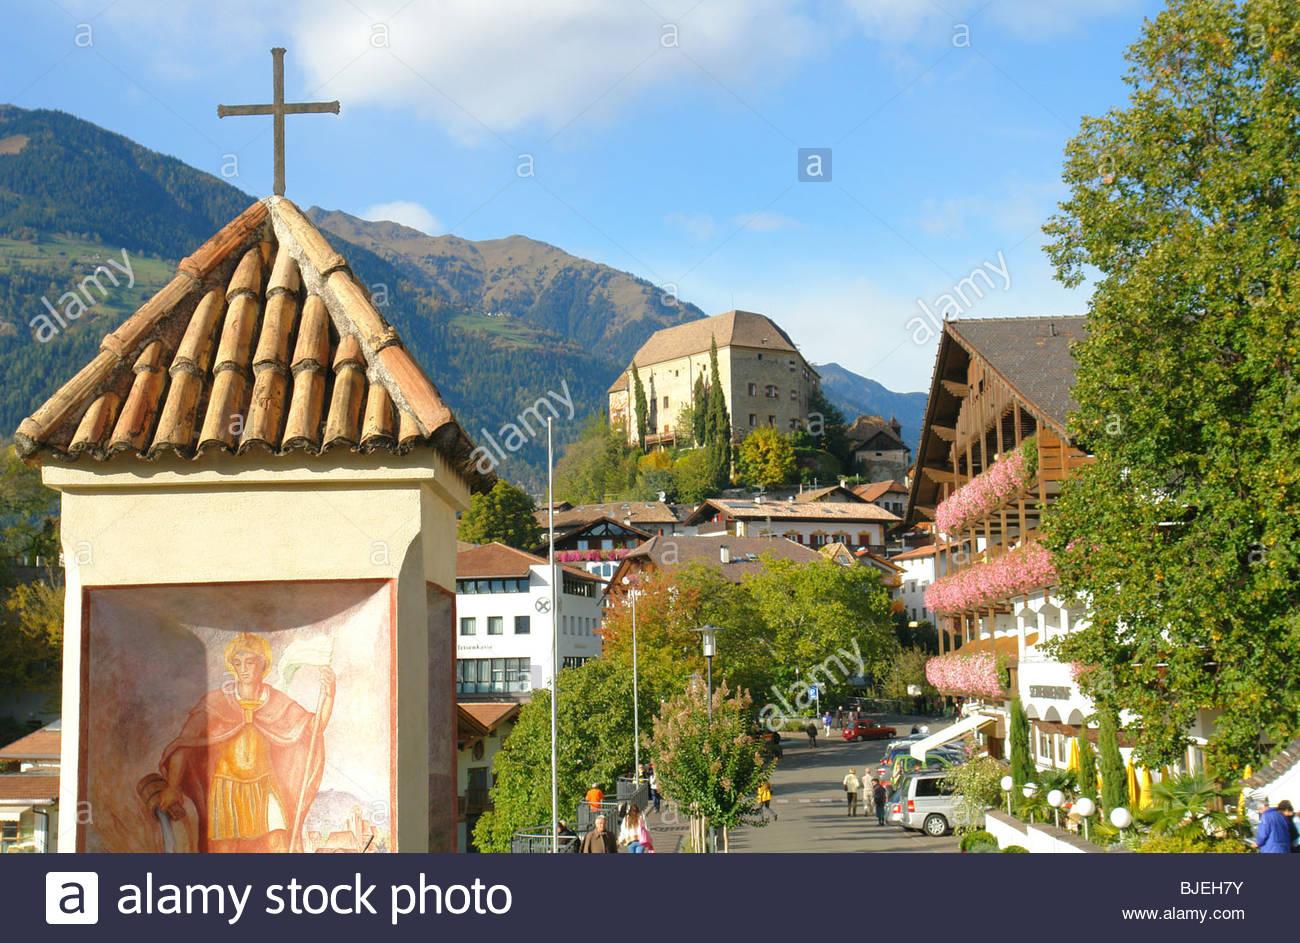 Burg und Bildstock, Schenna, Südtirol, Italien Stockbild